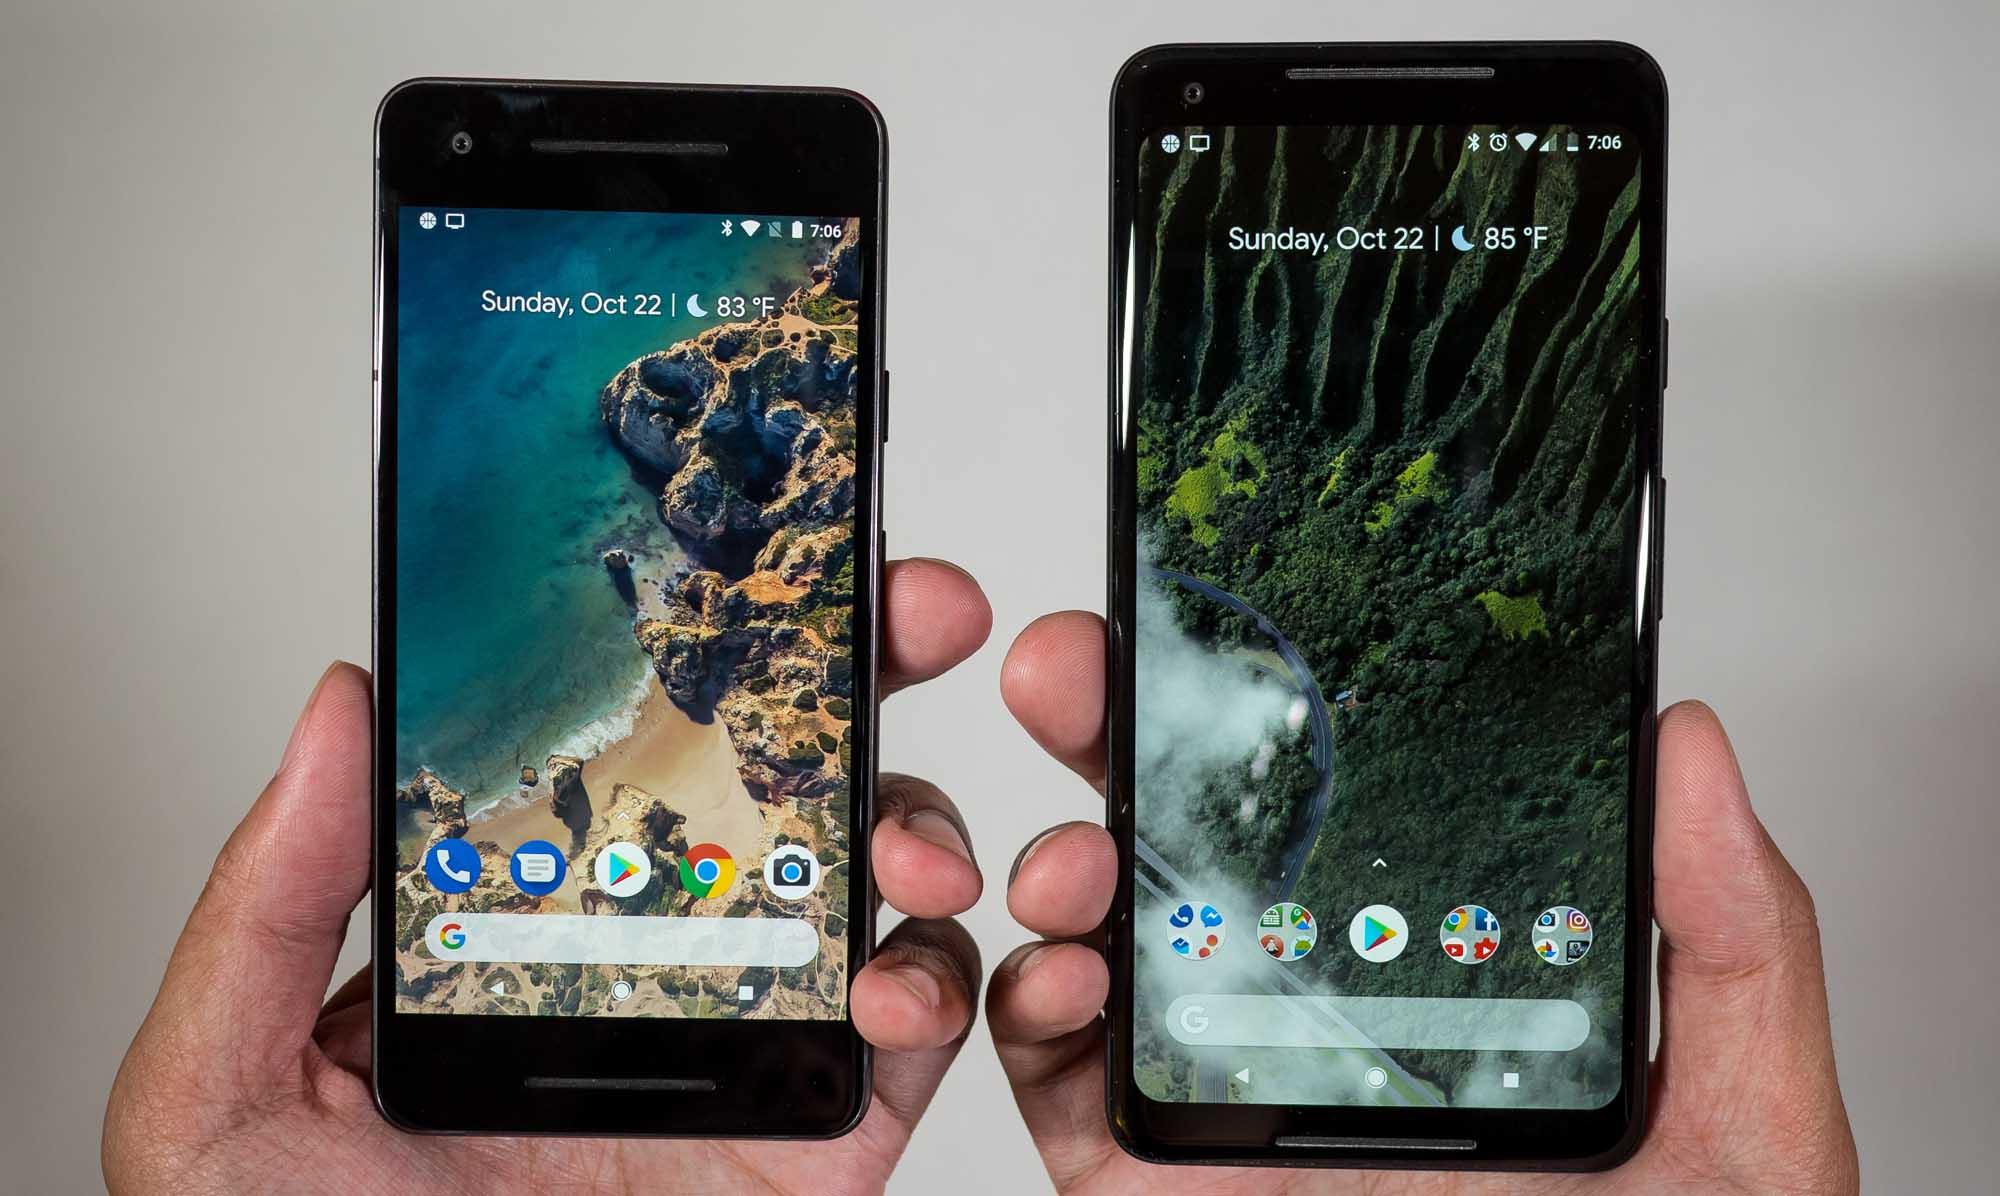 El Sumario - Se trata de los Google Pixel 3 que cuentan con grandes capacidades fotográficas entre otras virtudes del gigante tecnológico